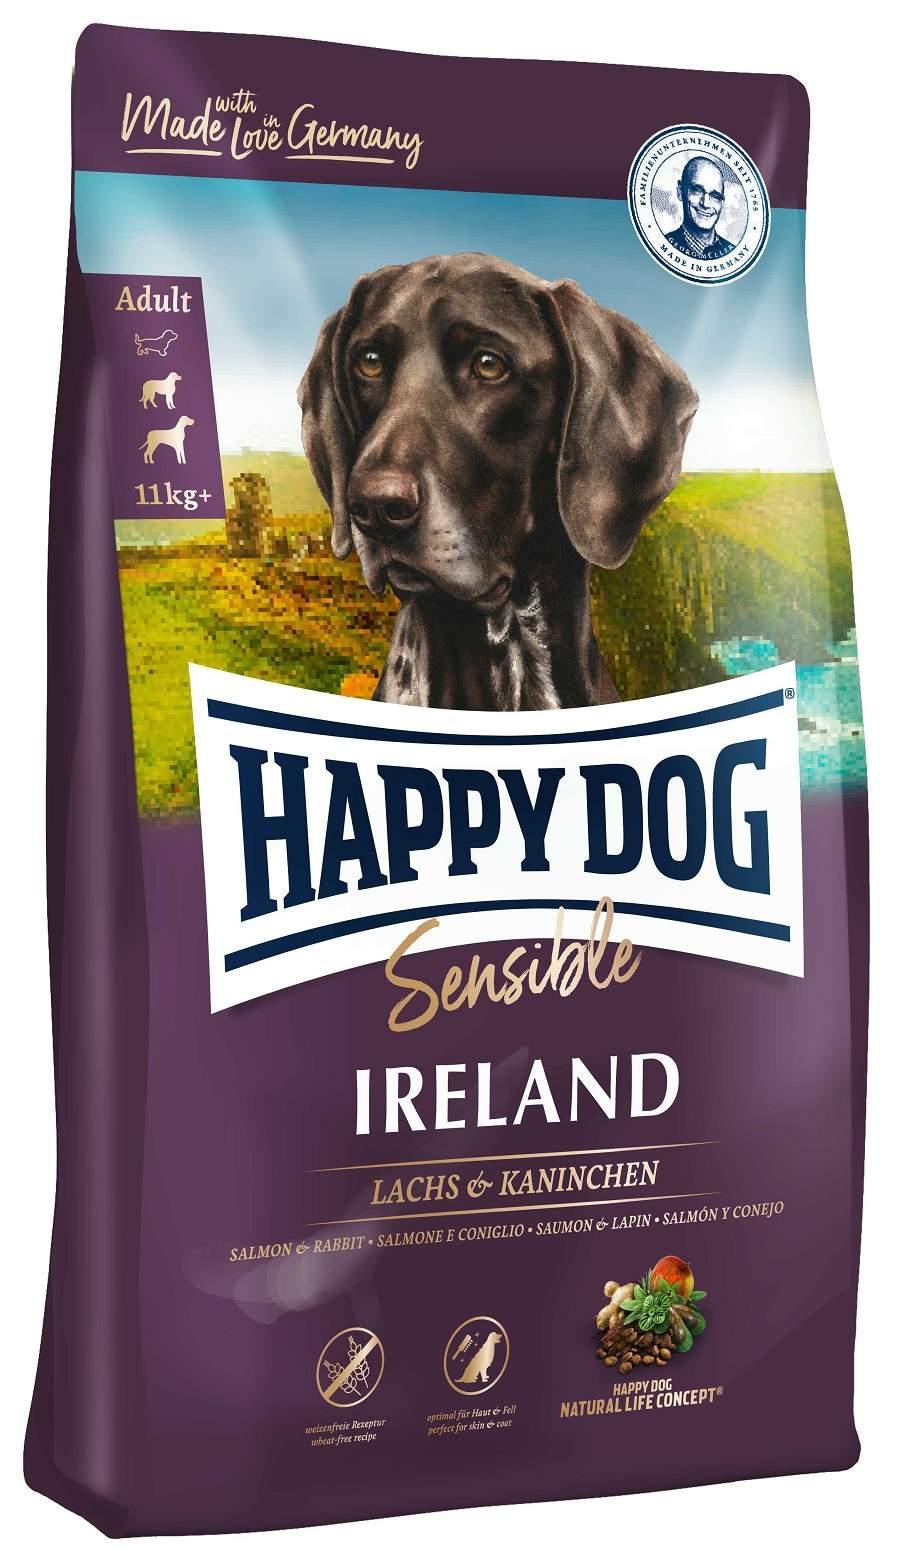 Сухой корм для собак Happy Dog Supreme Sensible Irland, кролик, лосось, 12,5кг